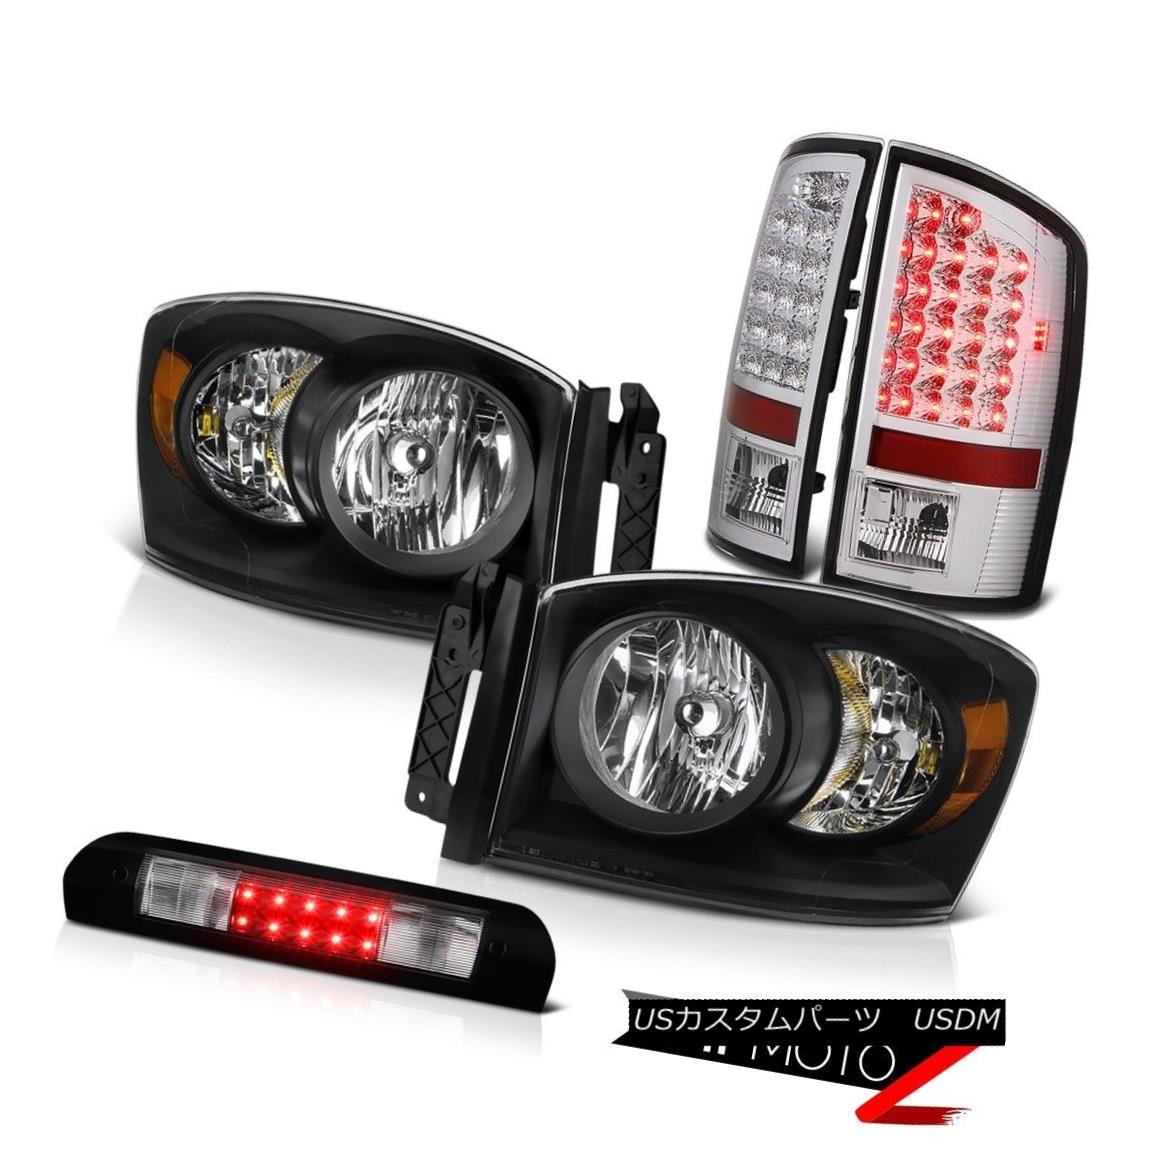 ヘッドライト Inky Black Replacement Headlights SMD Brake Taillight High Stop LED 07 08 Ram WS インキブラック交換ヘッドライトSMDブレーキテールライトハイストップLED 07 08 Ram WS